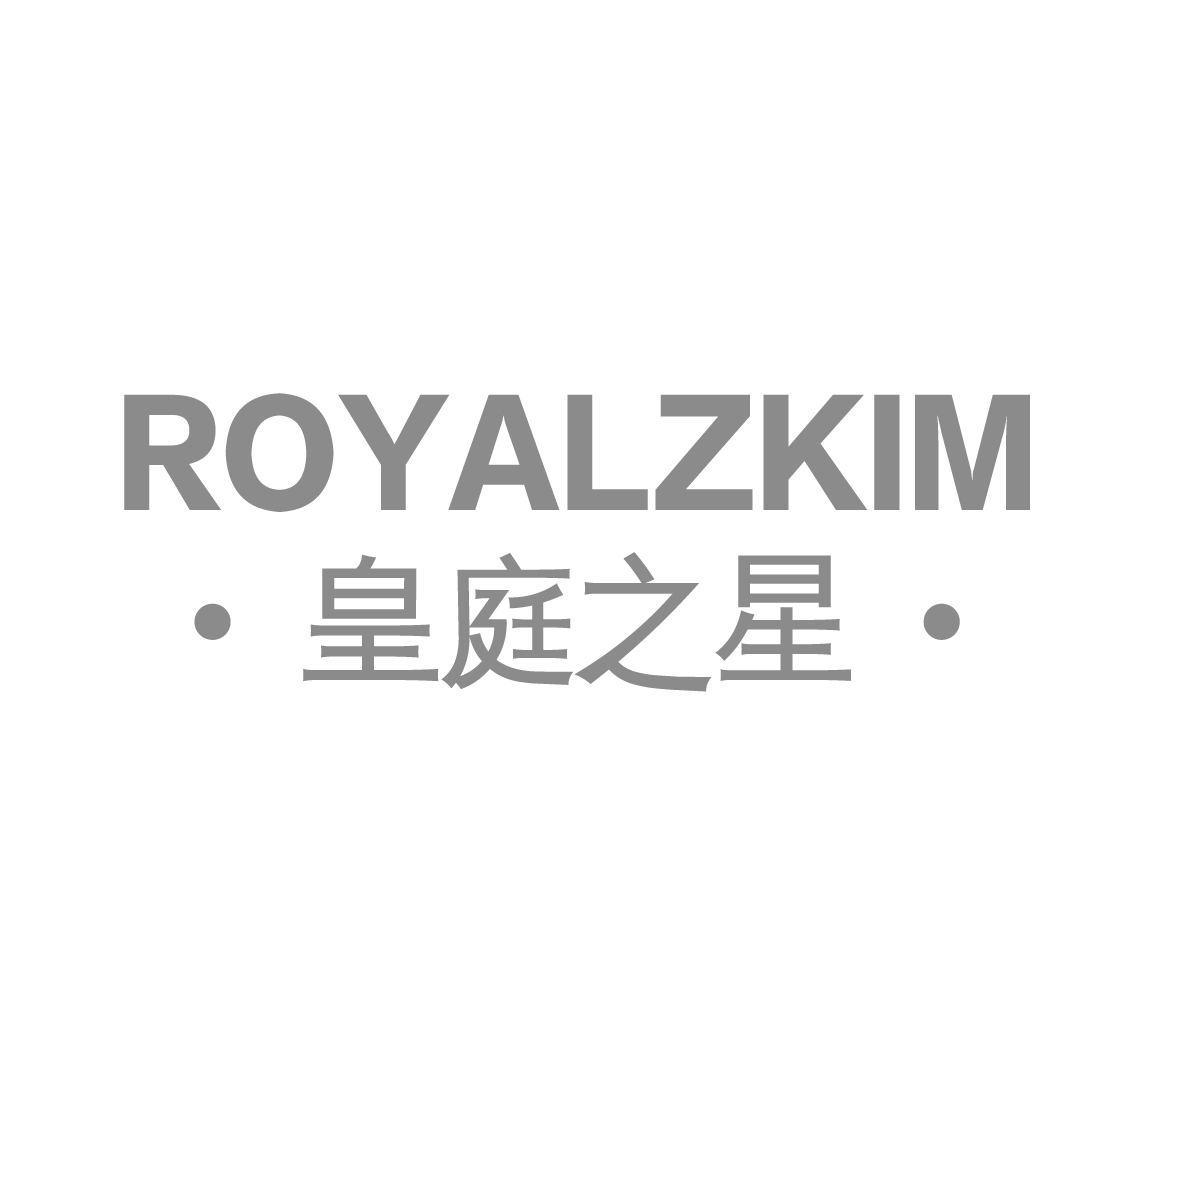 皇庭之星 ROYALZKIM